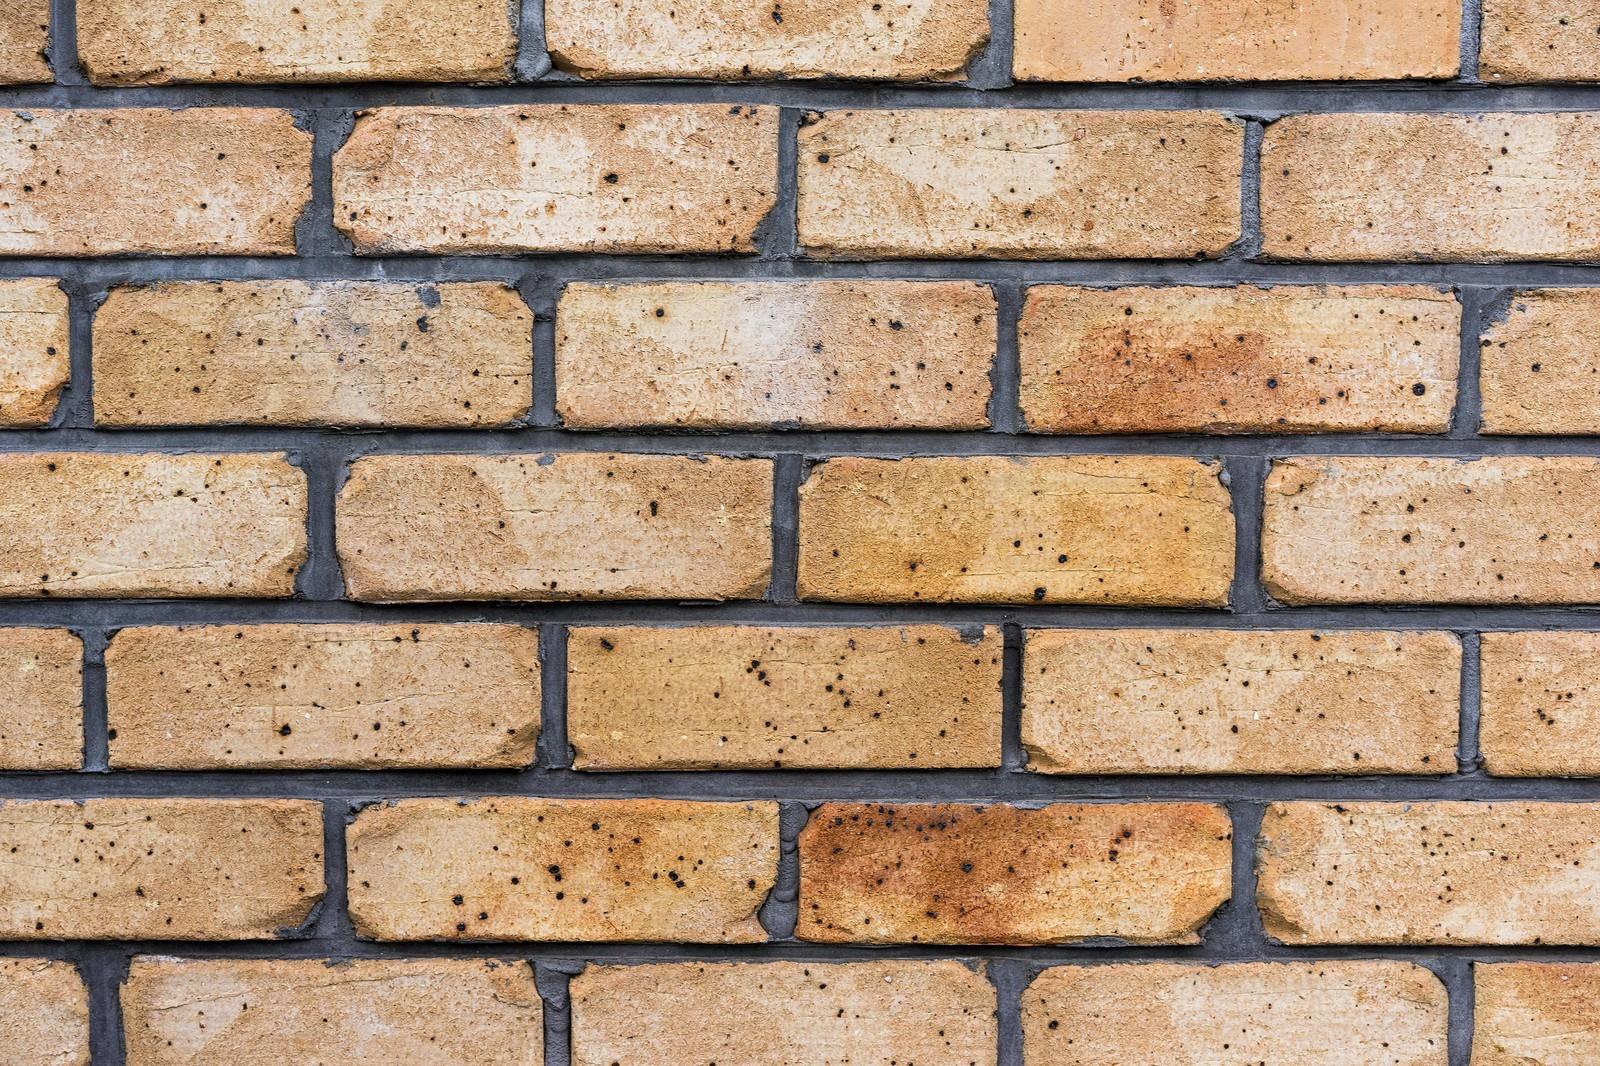 「茶色いレンガの壁(テクスチャー)」の写真